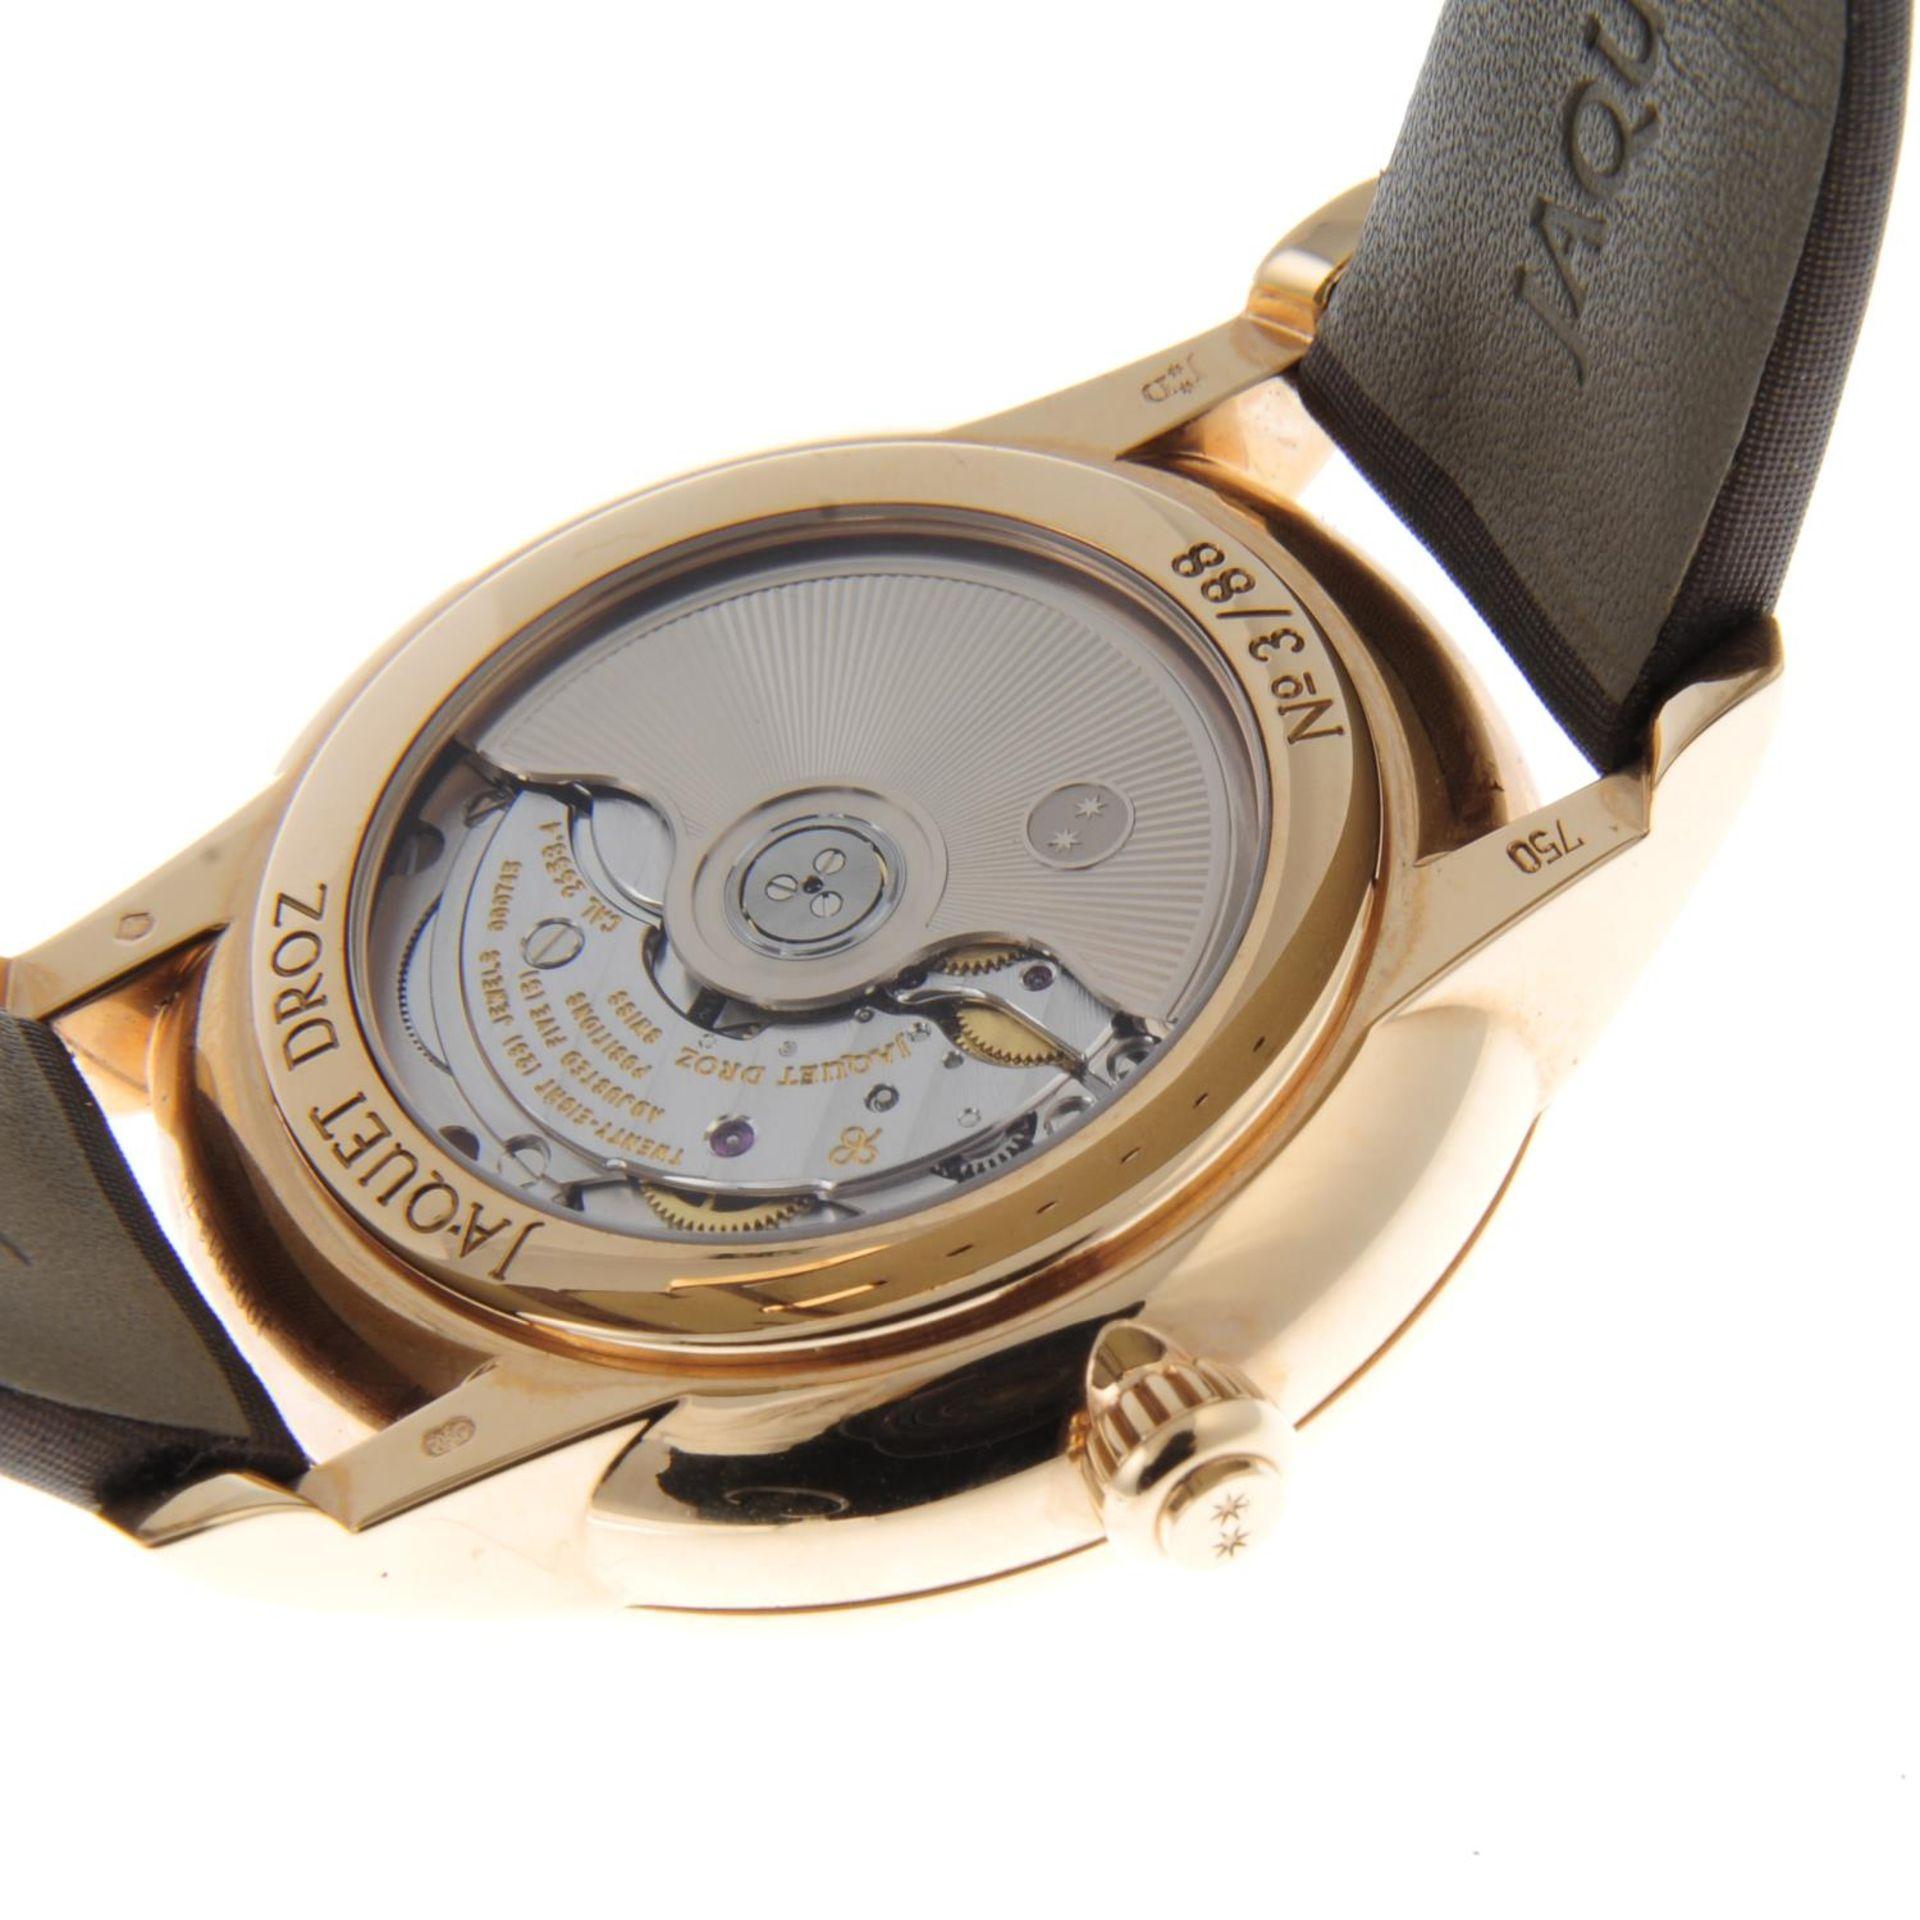 JAQUET DROZ - a limited edition Petite Heure Minute Art Deco wrist watch. - Bild 2 aus 6